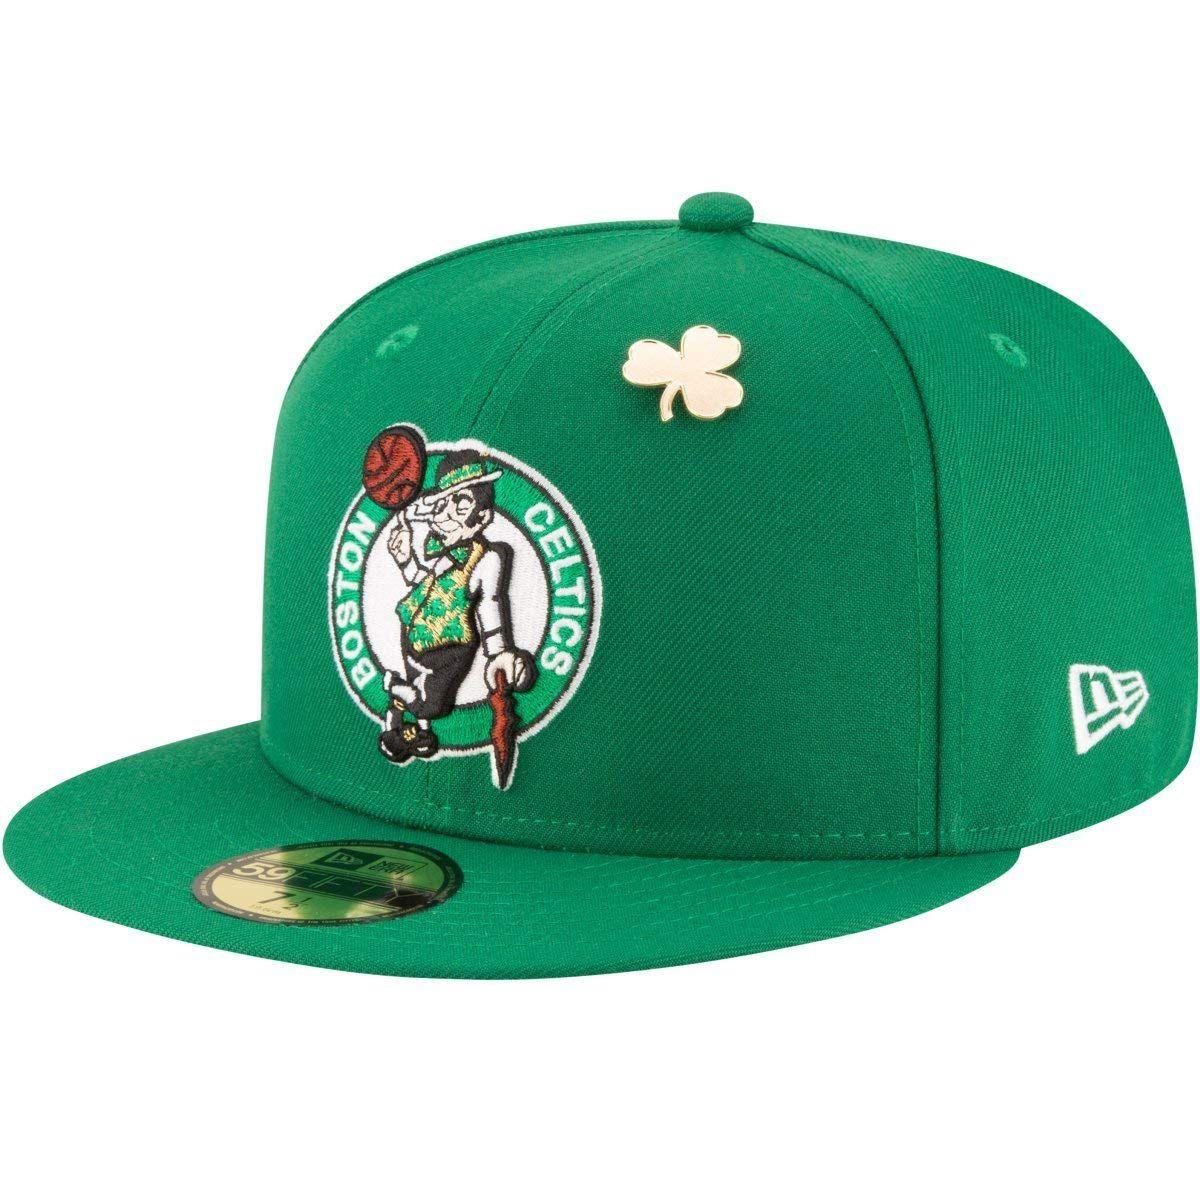 the best attitude 4b794 b36d1 ... new arrivals new era boston celtics 2018 nba draft cap 59fifty fitted  hat 34.95 b0868 8eeea